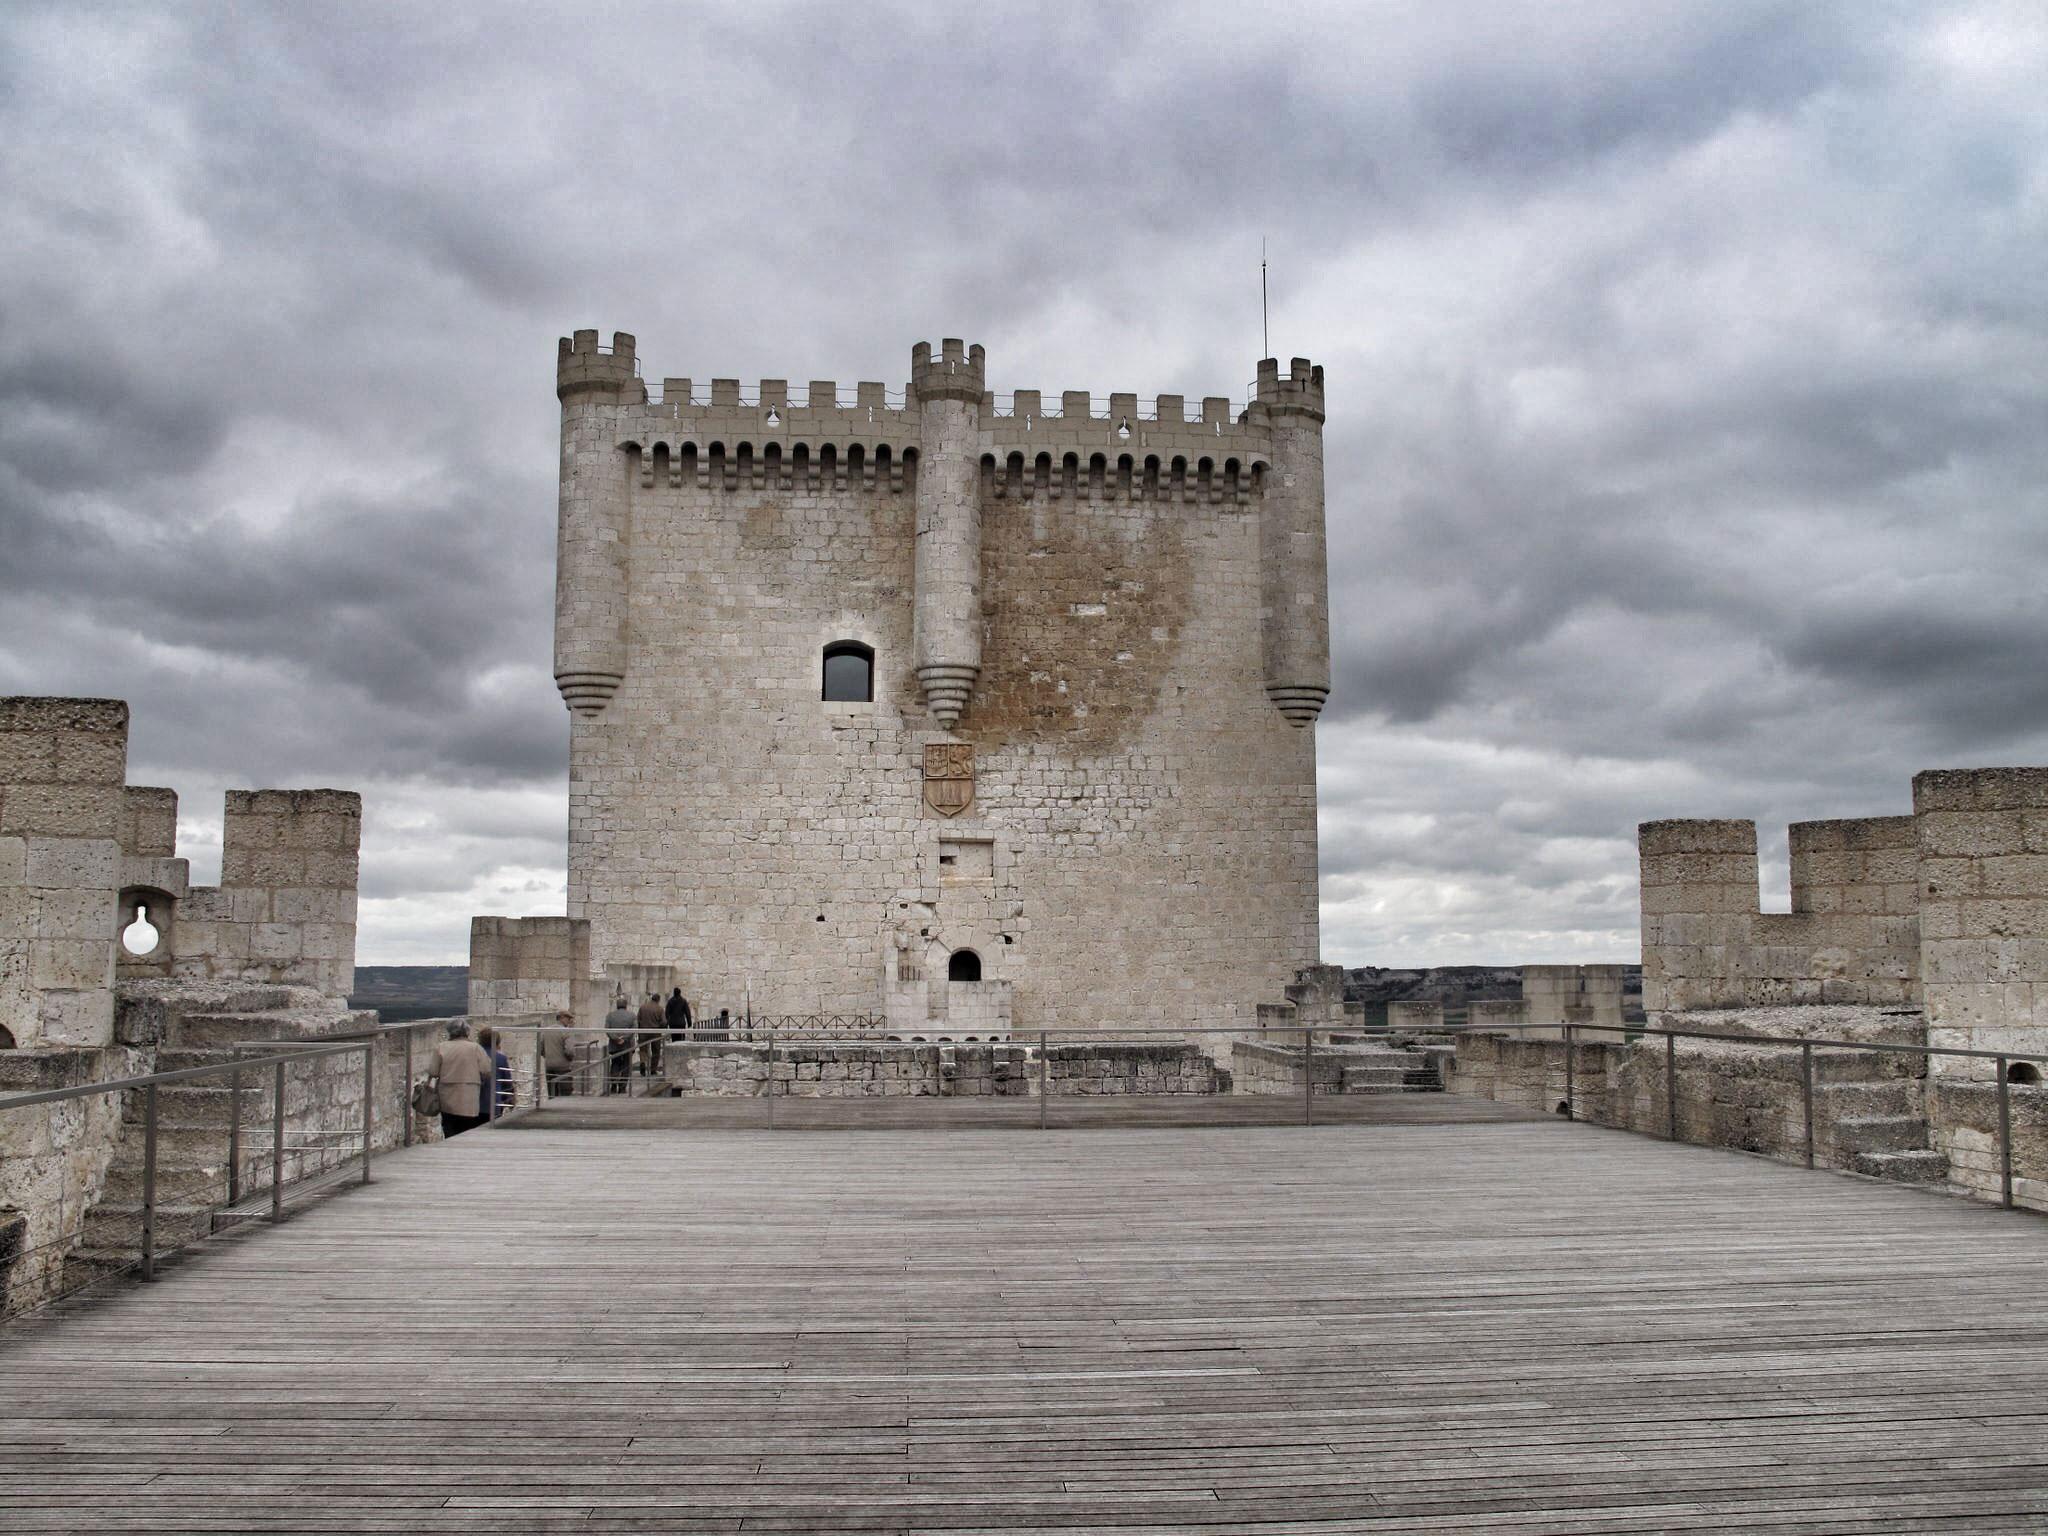 castillo de peñafiel_torre del homenaje_vasallos_conde lucanor_don juan manuel